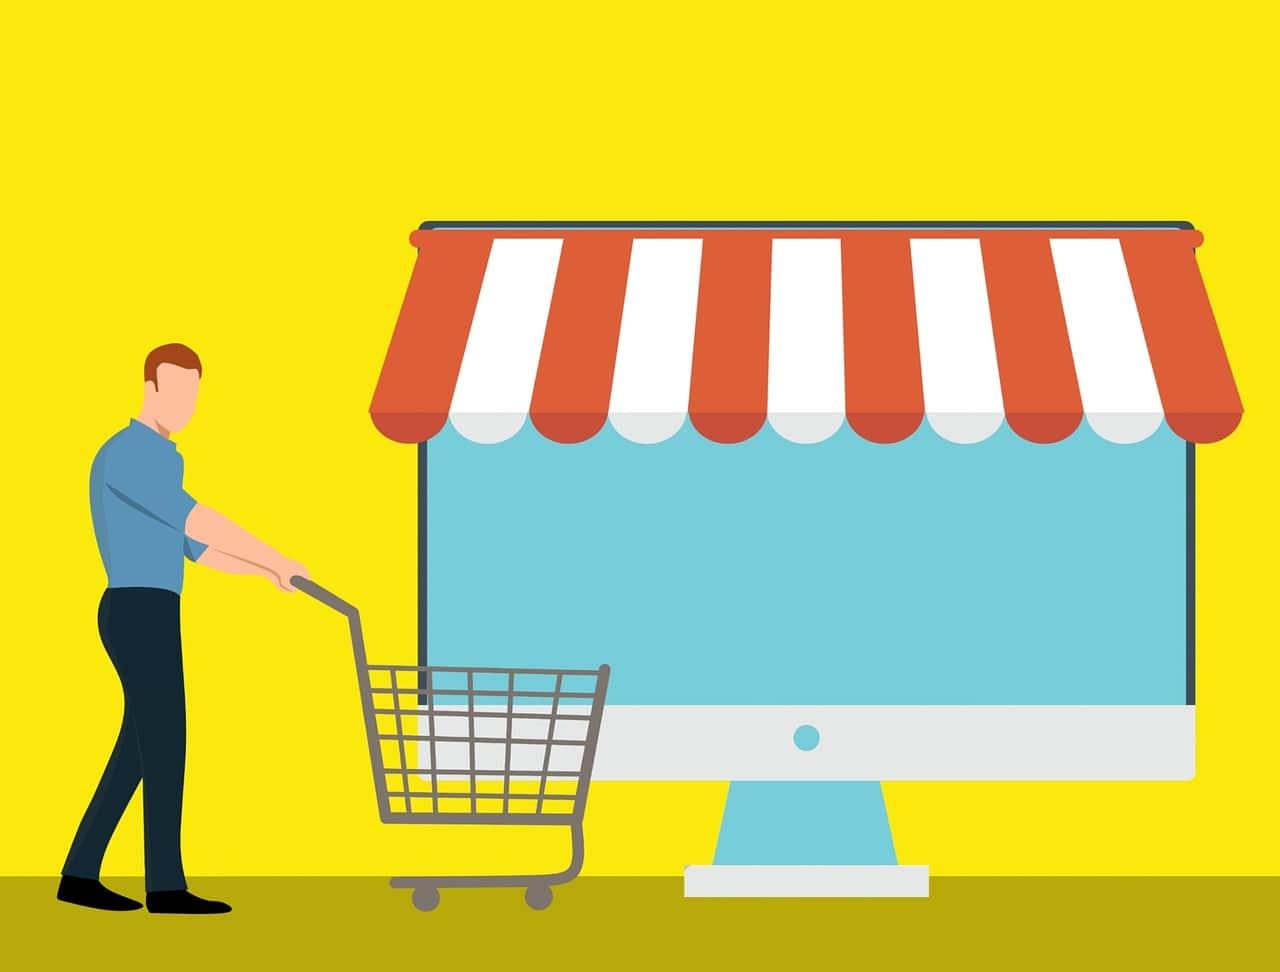 Πως να κάνω ασφαλείς αγορές μέσω Internet - online αγορές με ασφάλεια